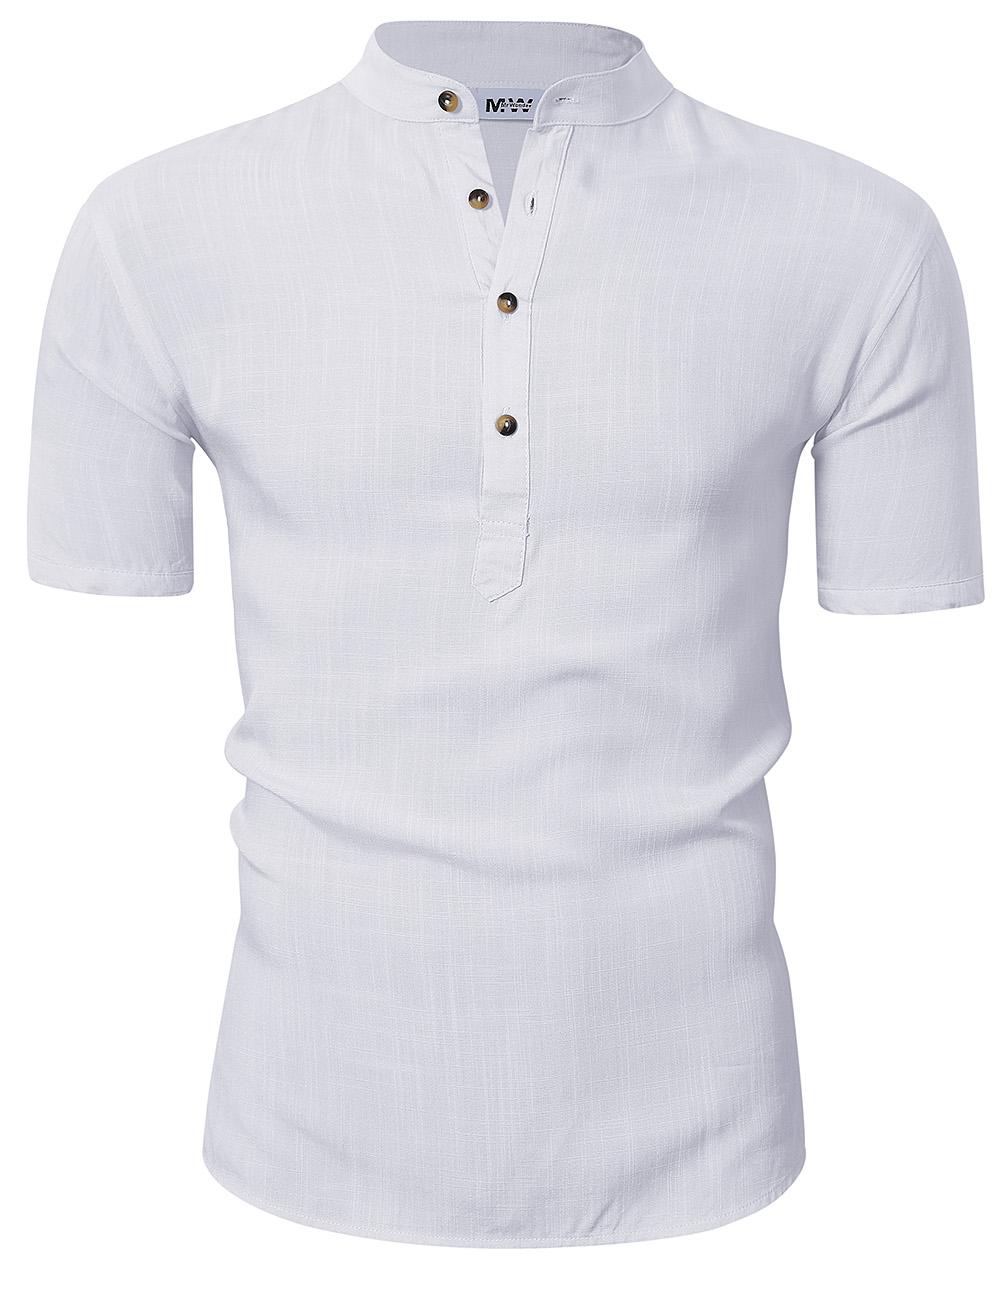 MrWonder Men Casual Henley Neck Short Sleeve Linen Shirt